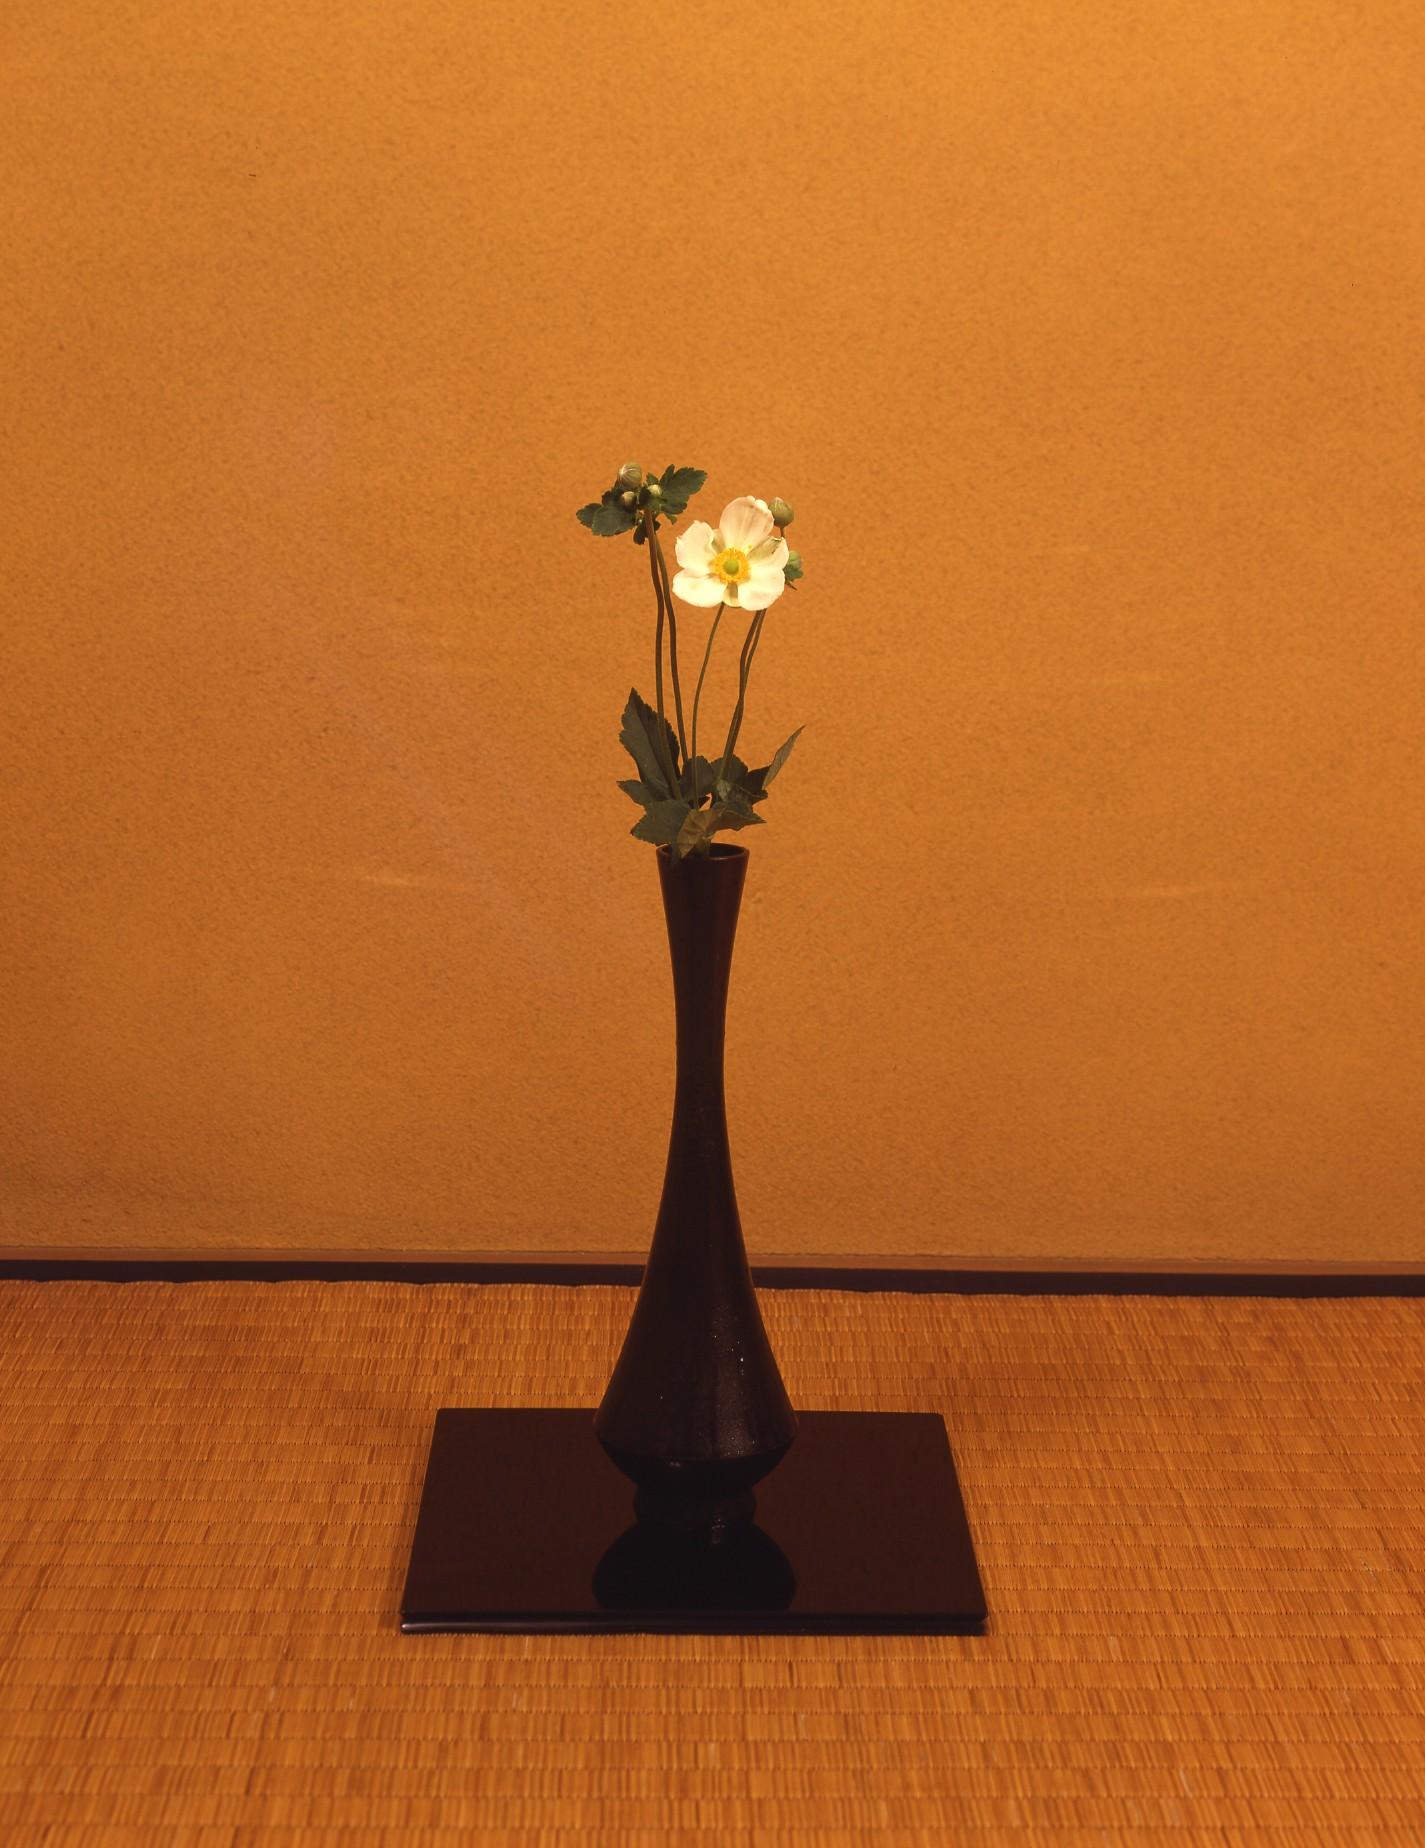 【今月の茶花】 9月の茶花